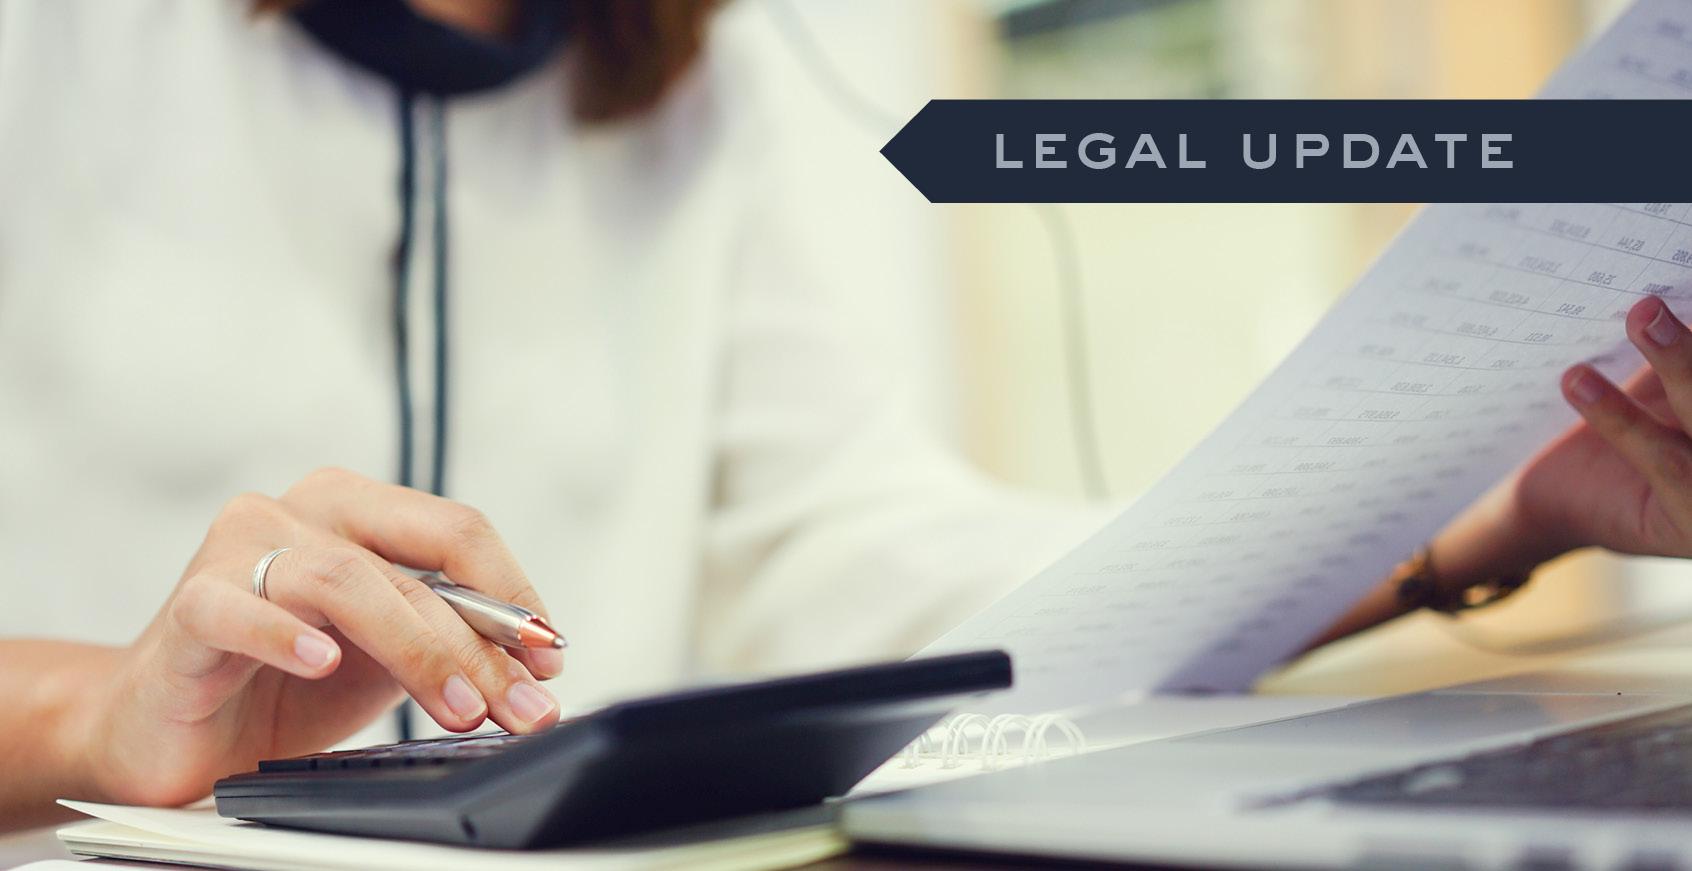 H-1B Processing Legal Update